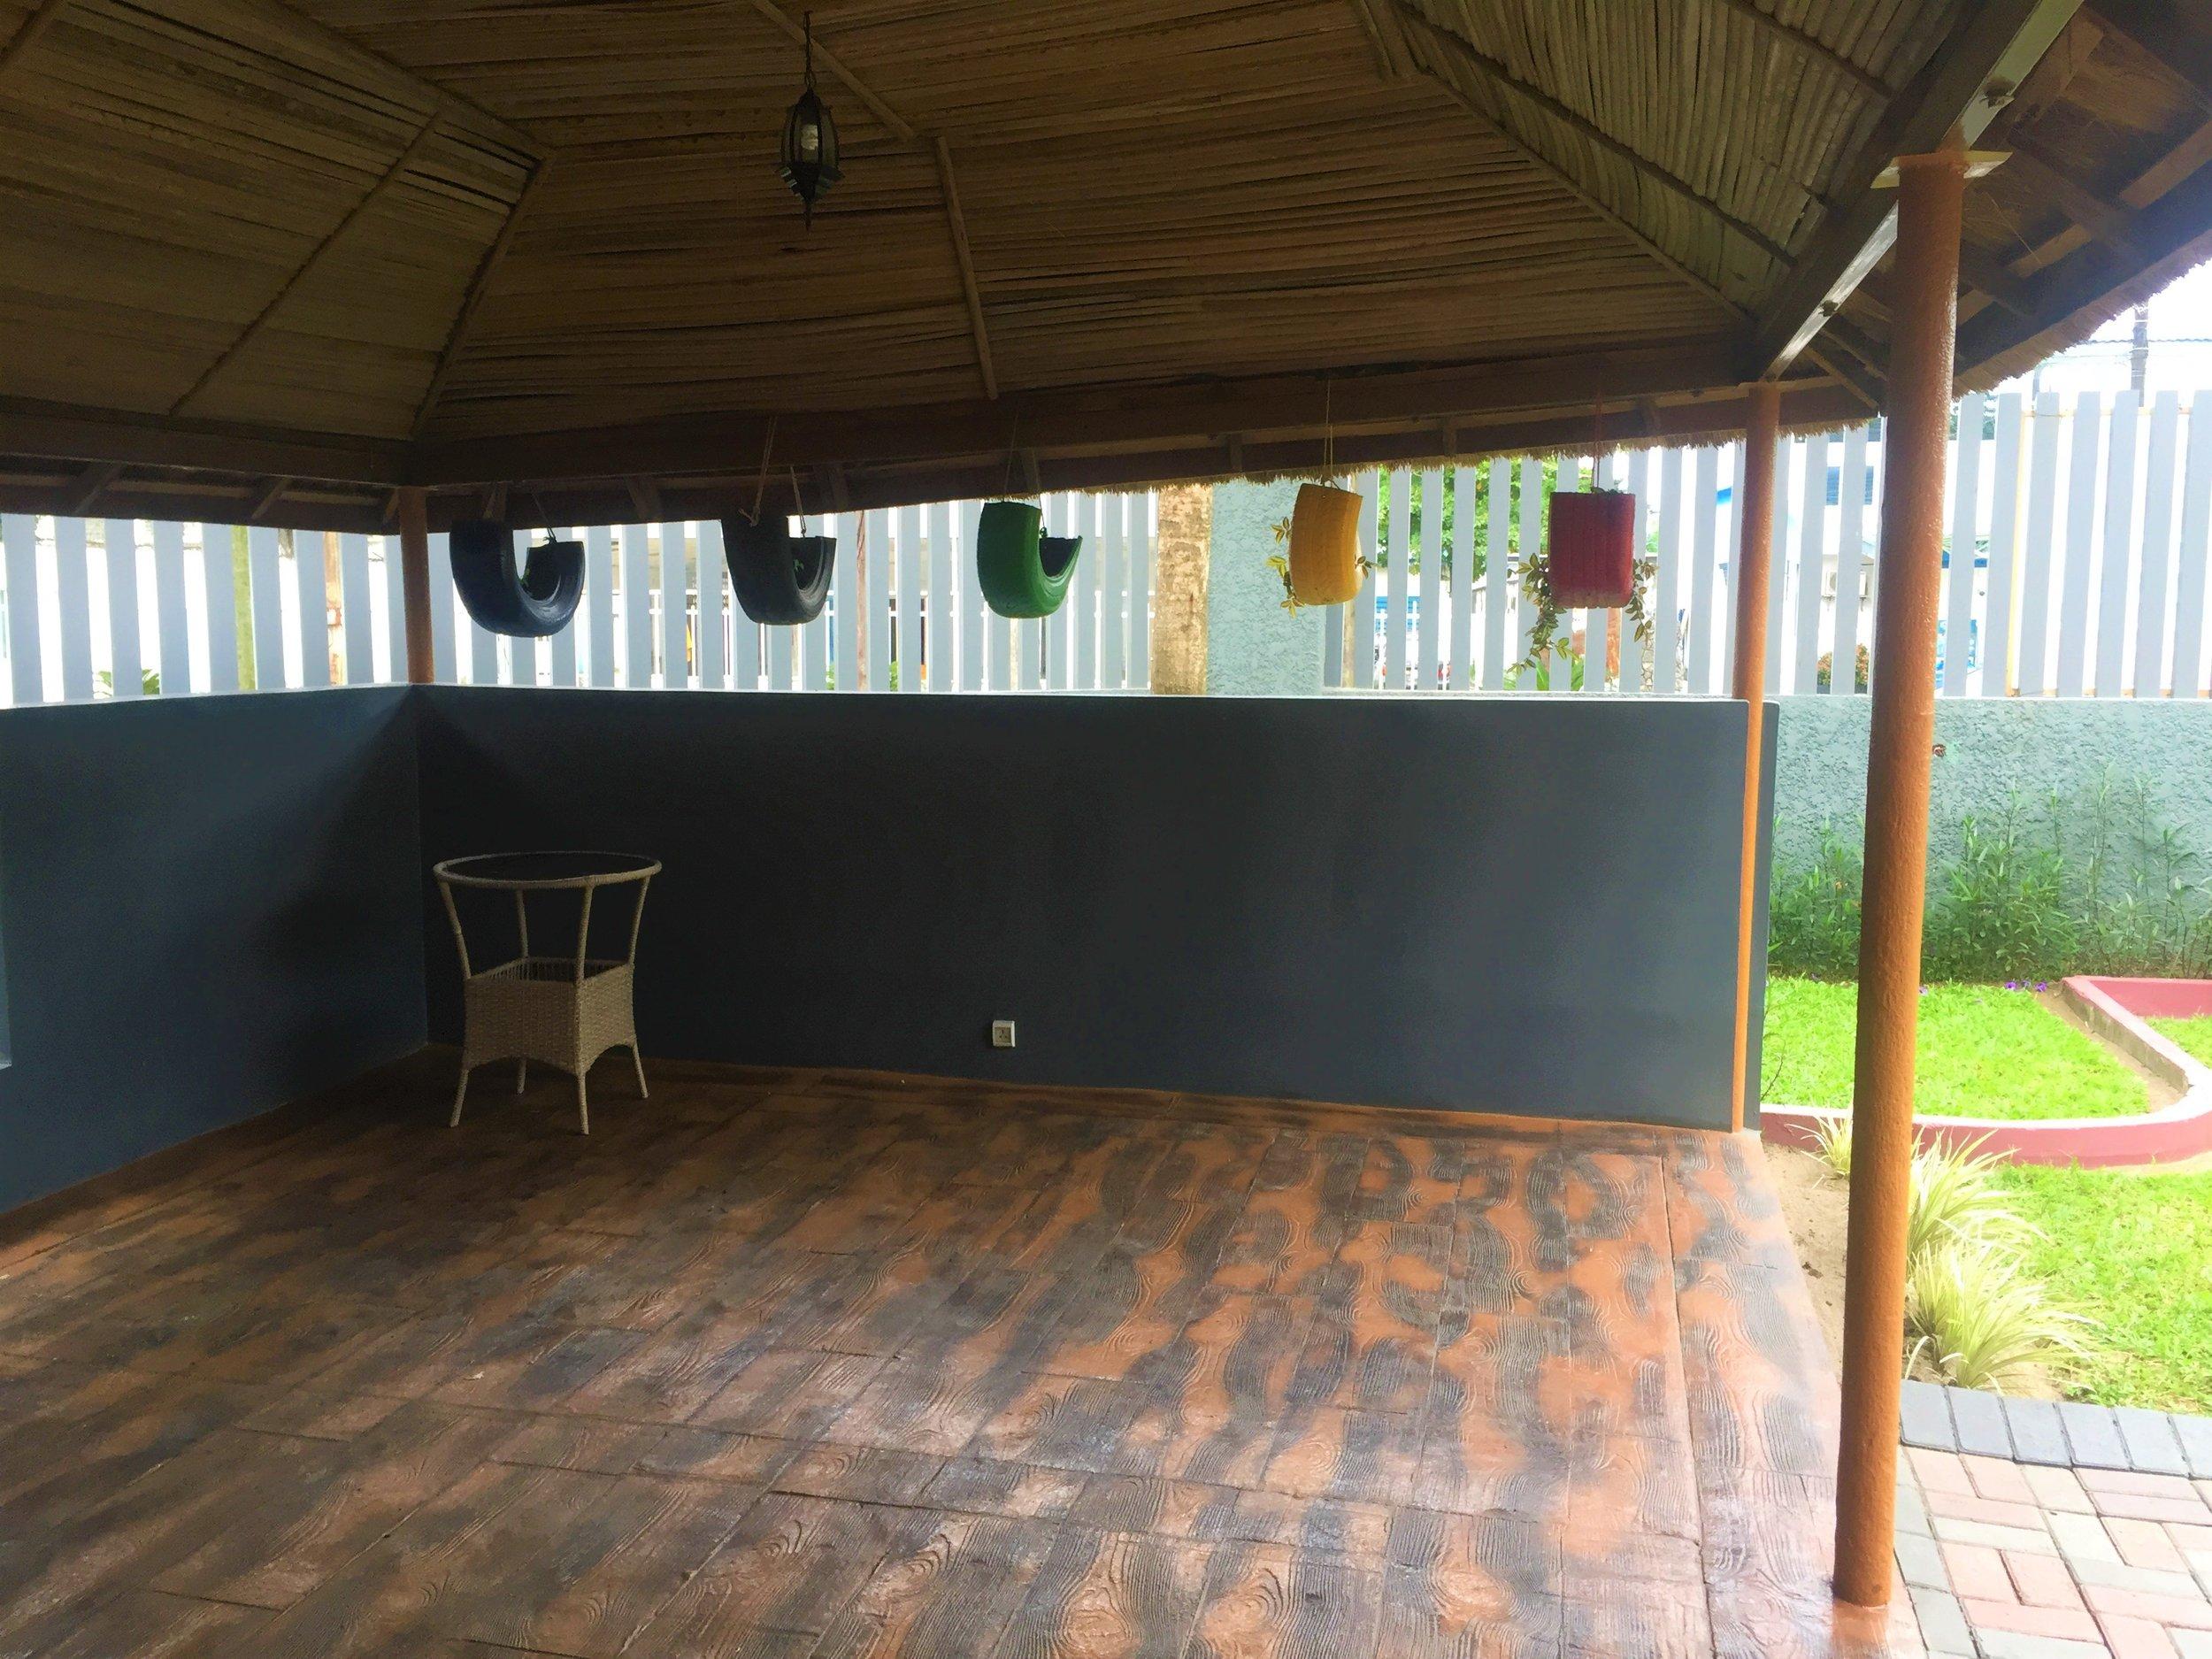 Grill hut